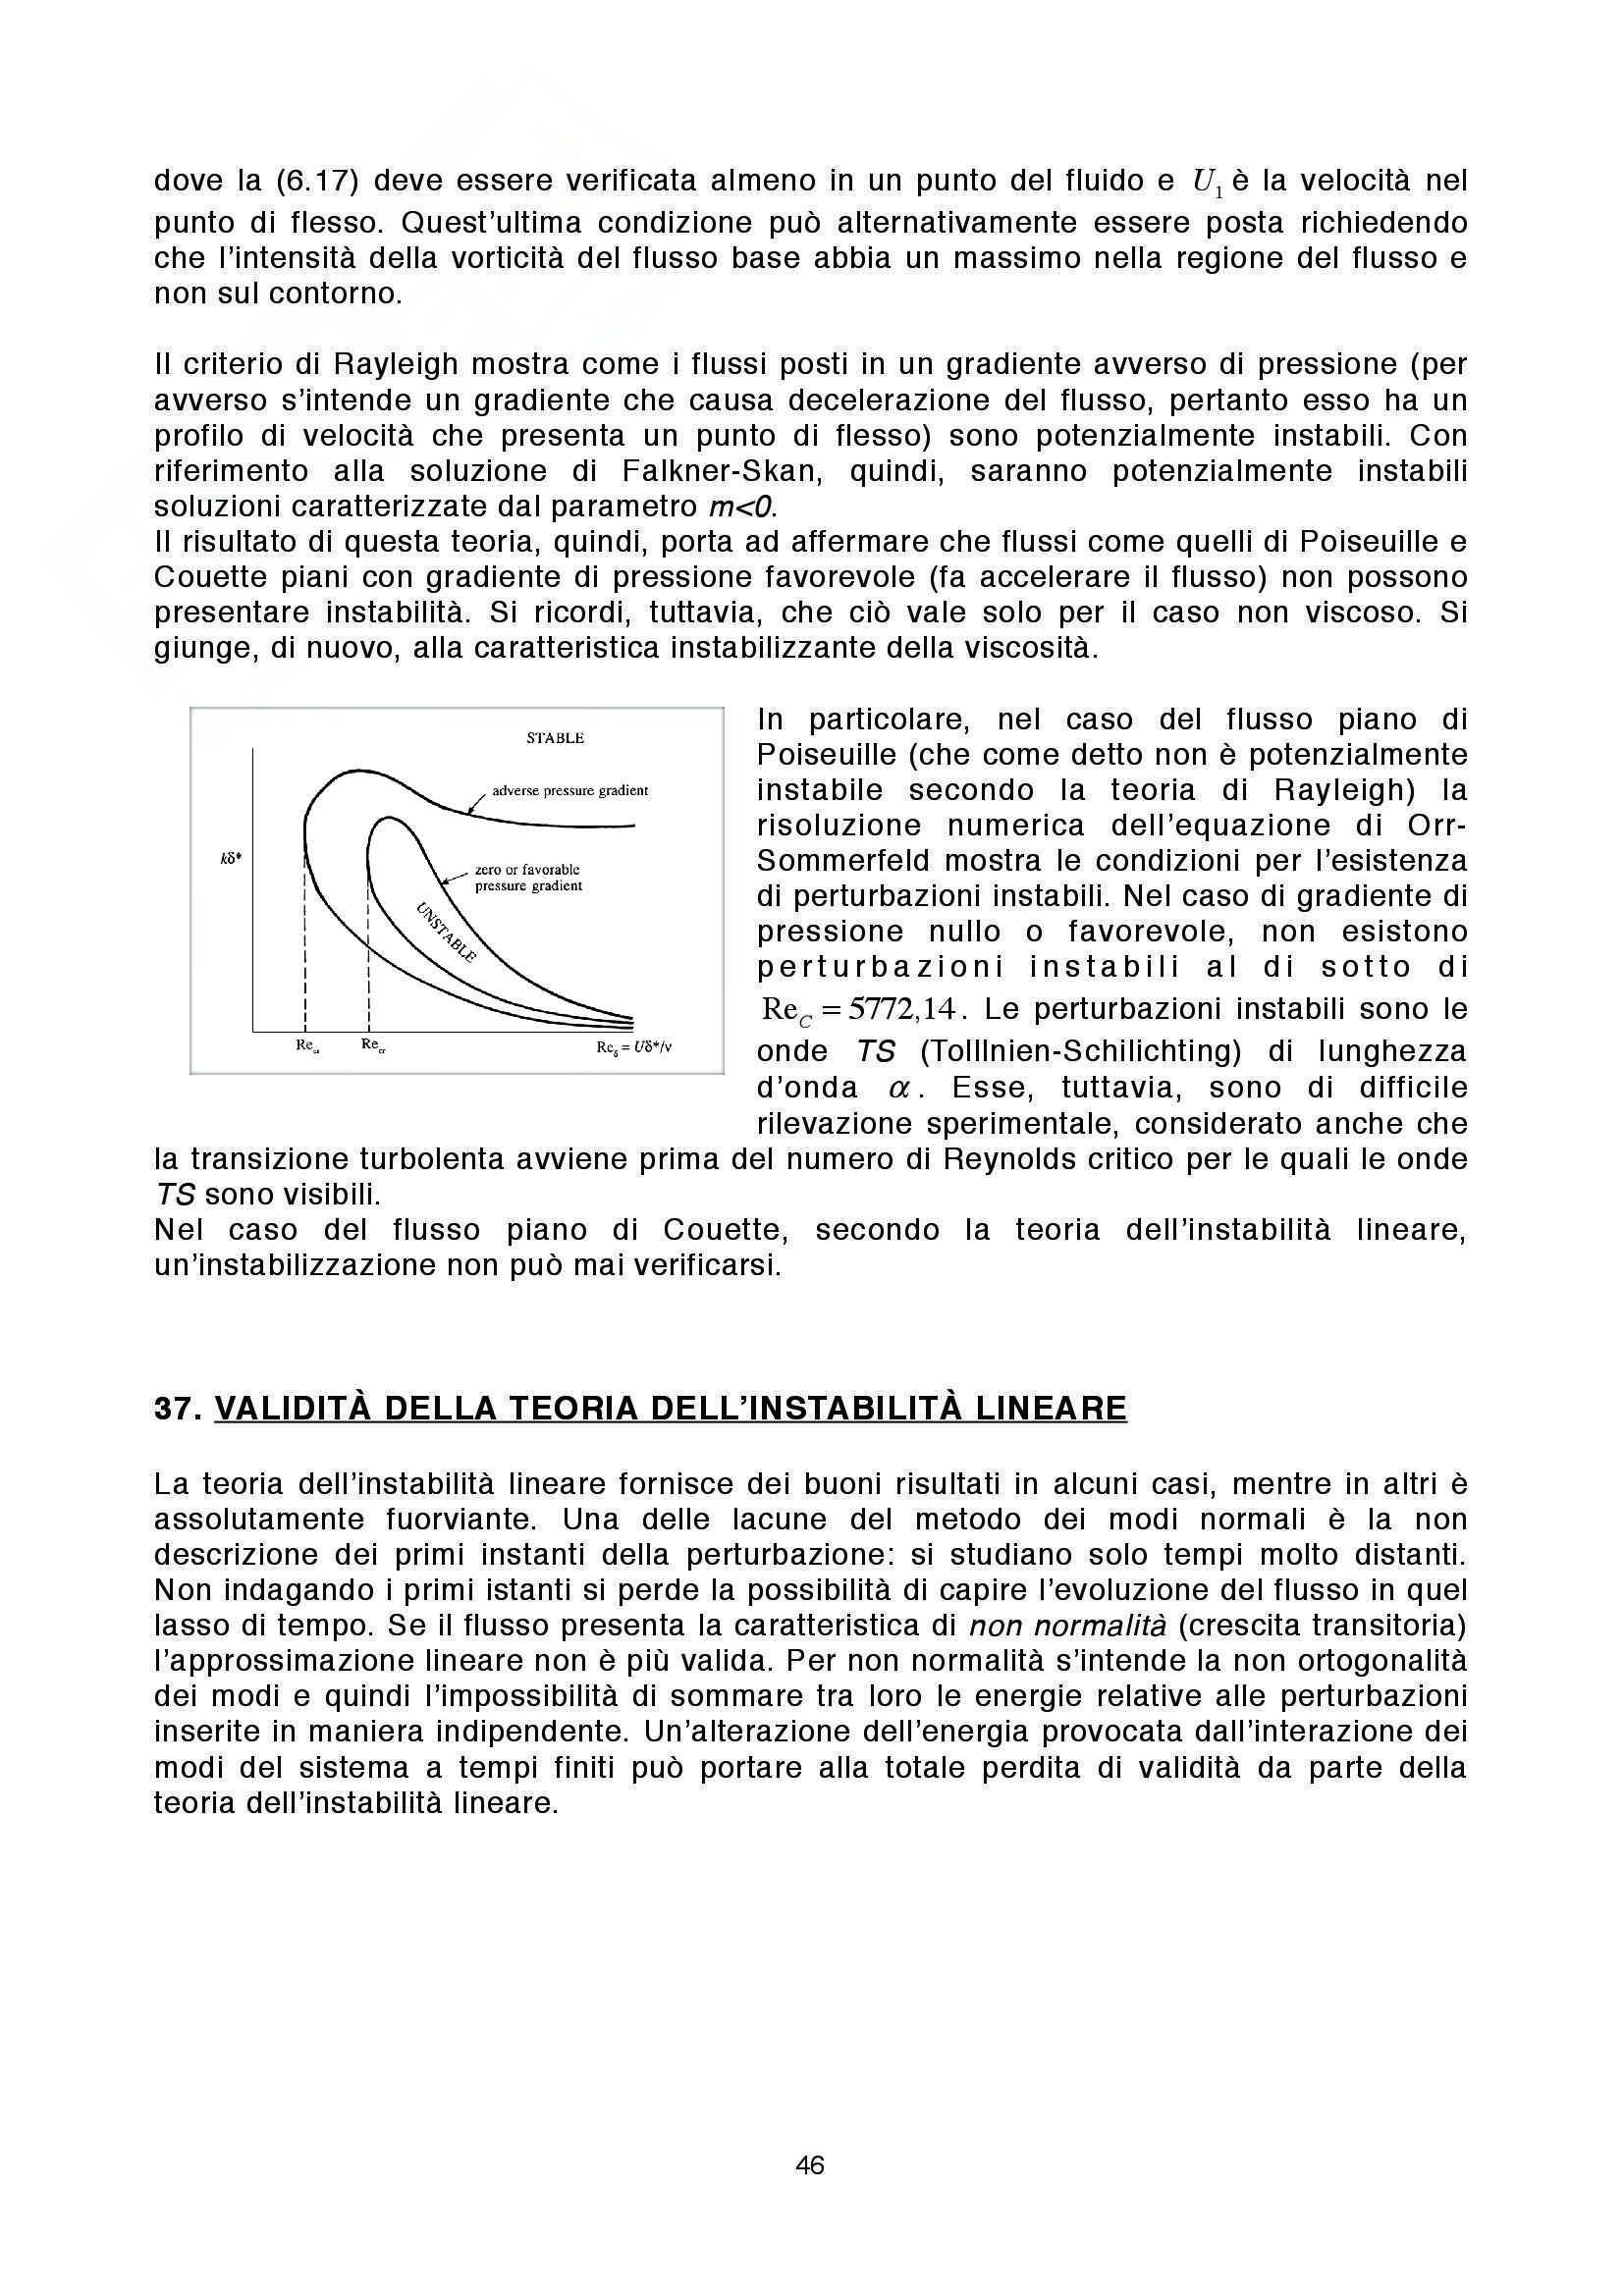 Lezioni: Appunti di Fluidodinamica Pag. 46